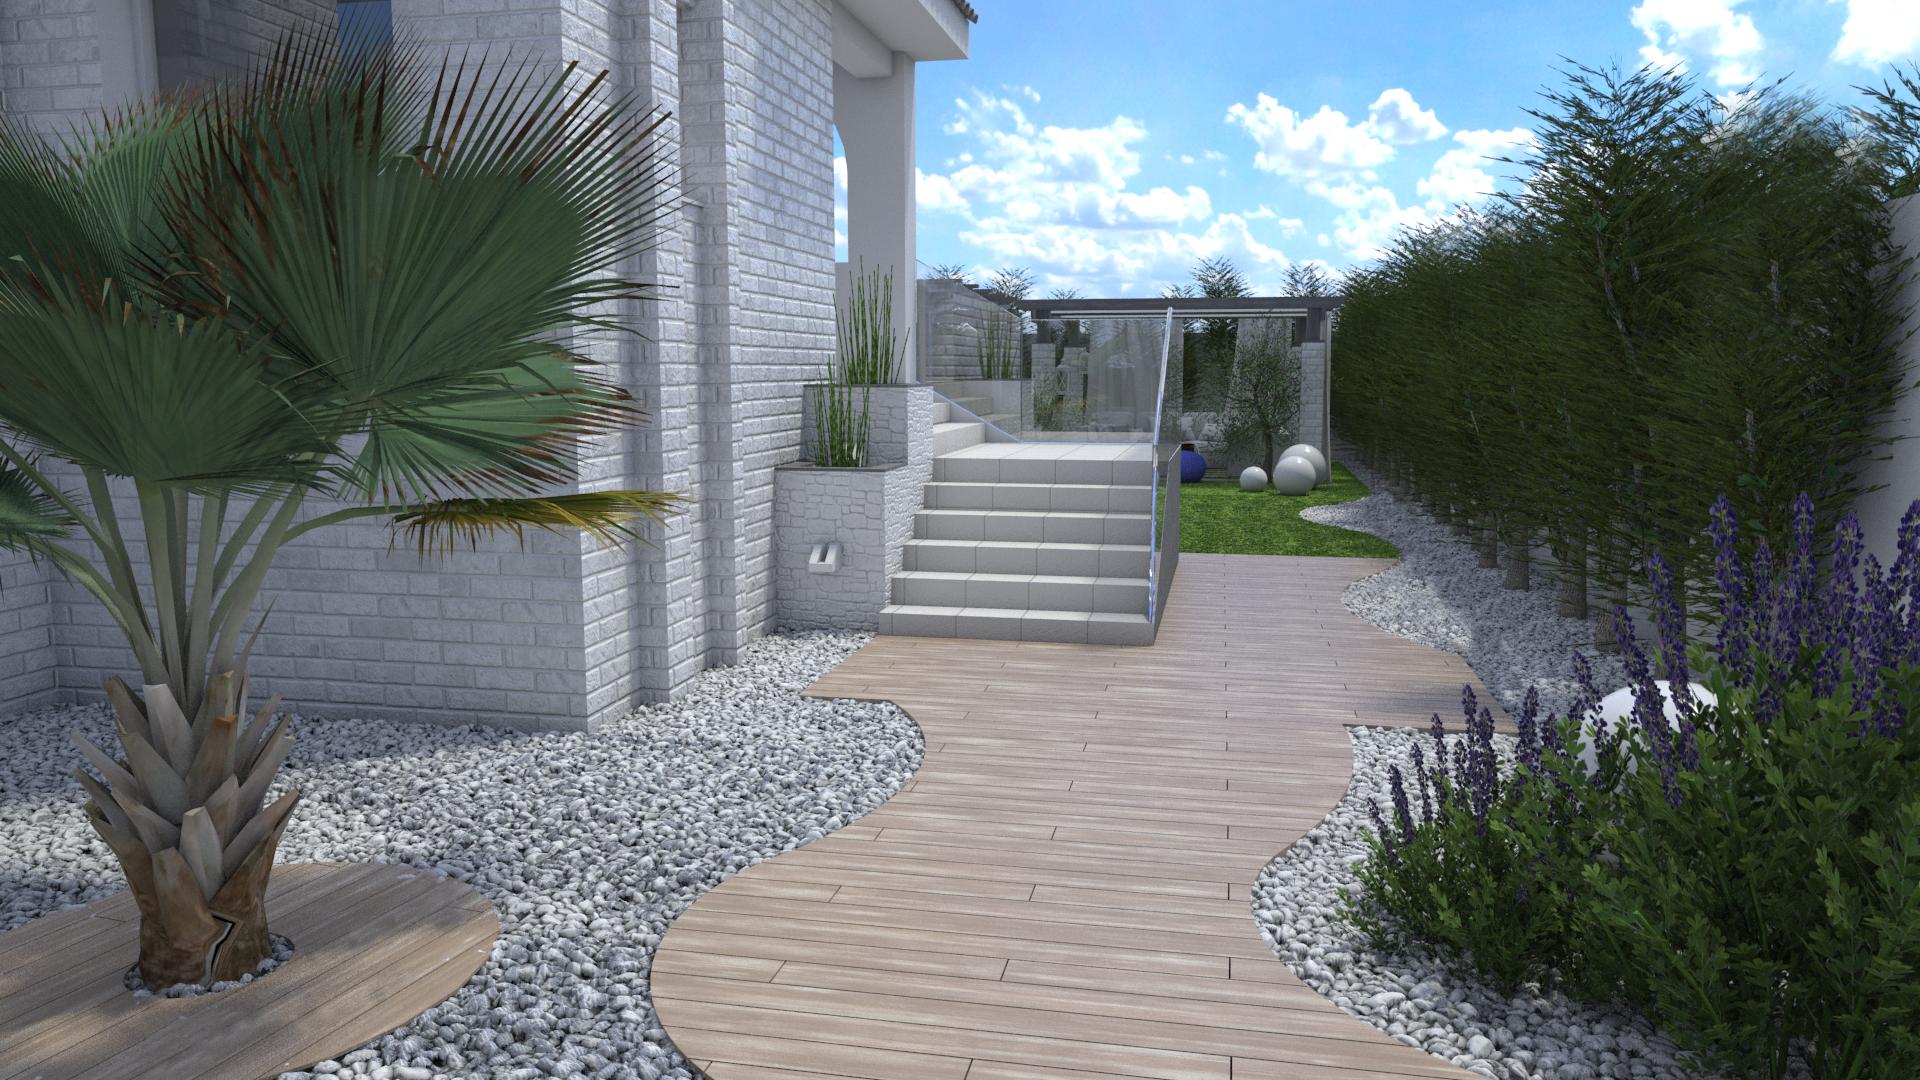 Proyecto De Exterior Y Paisajismo De Una Casa Familiar Con